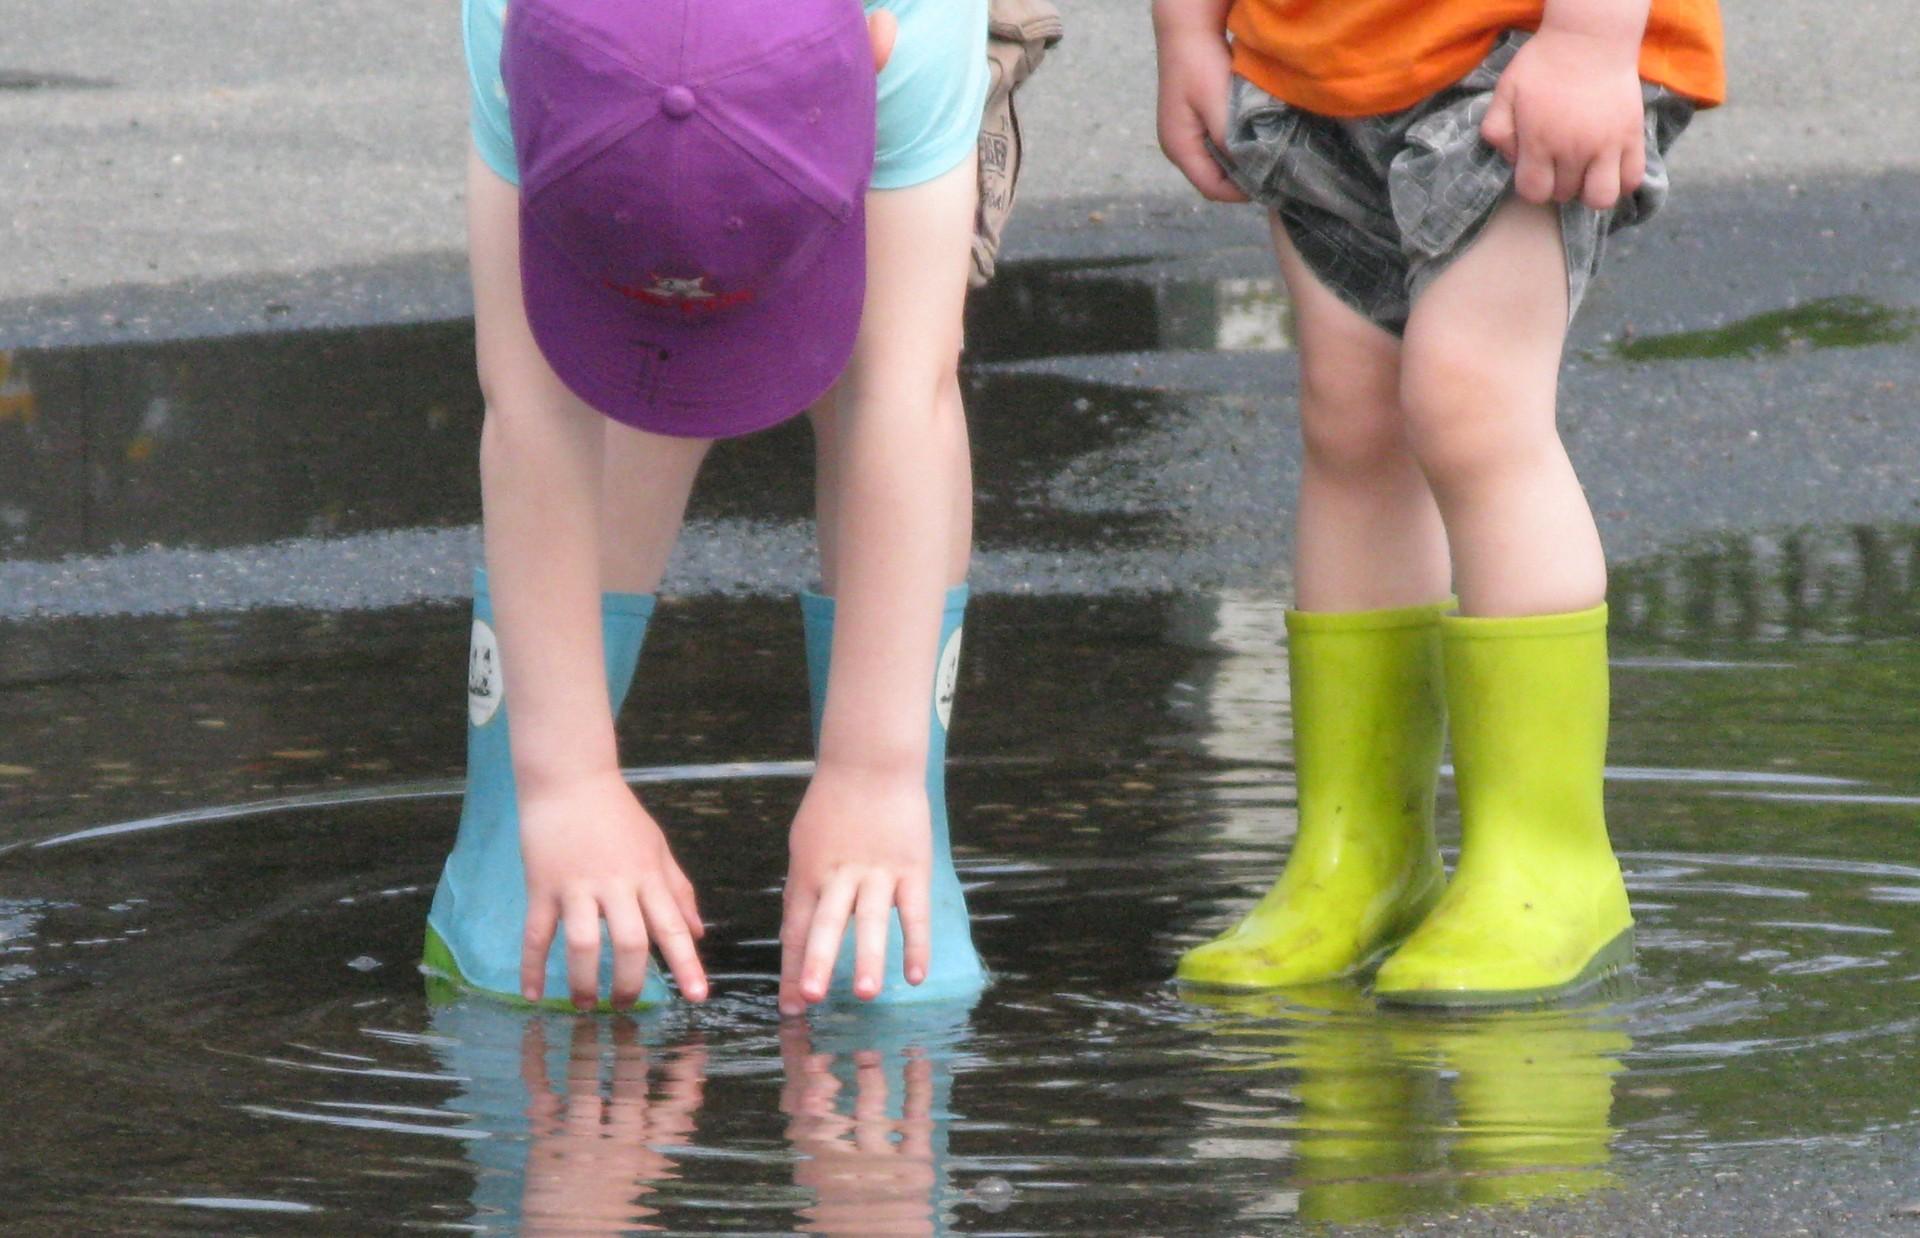 kinderen met felgekleurde laarzen in een plas water